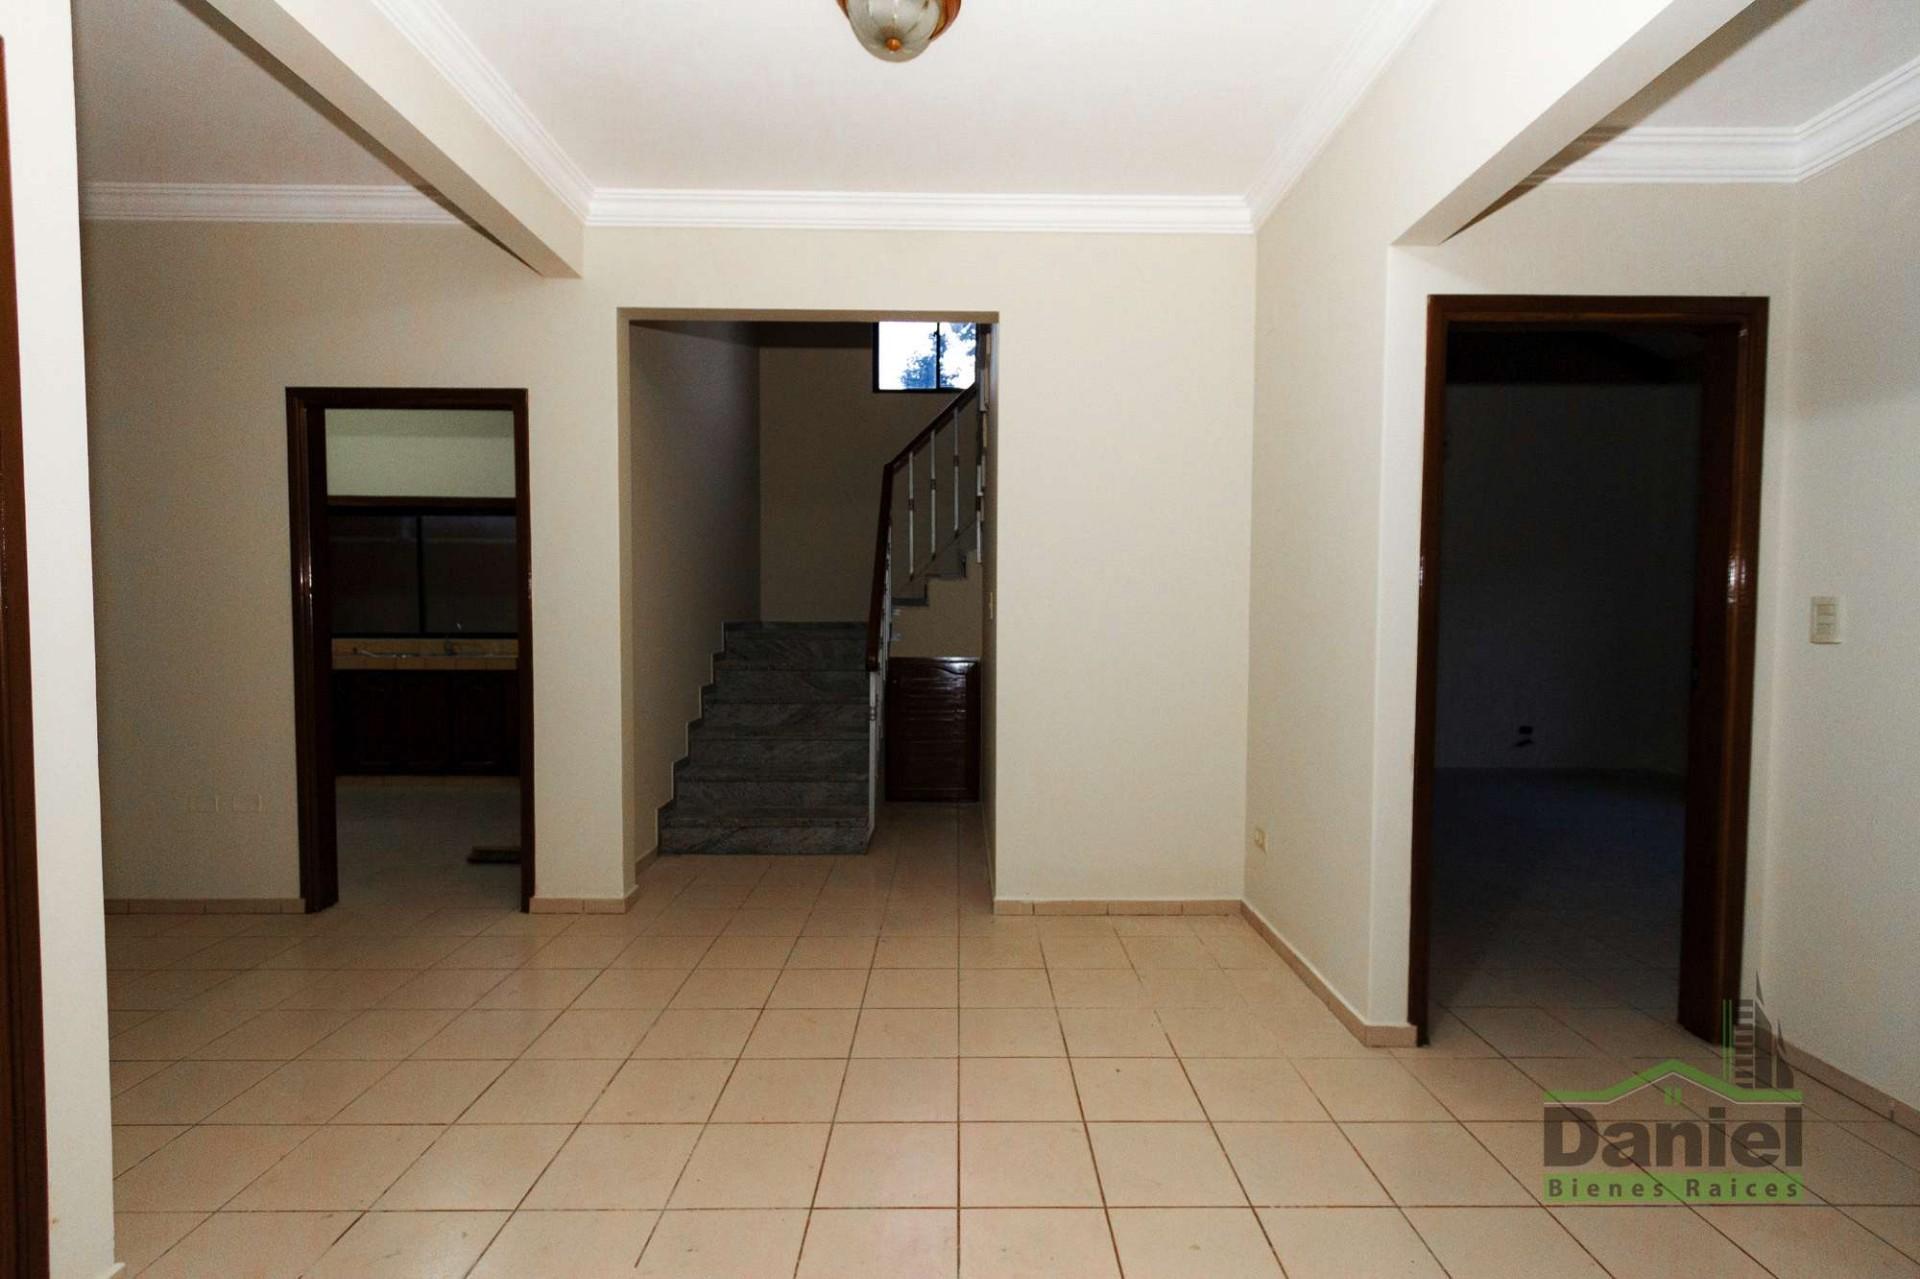 Casa en Venta CASA GRANDE ENTRE 4TO Y 5TO ANILLO RADIAL 27 Foto 17